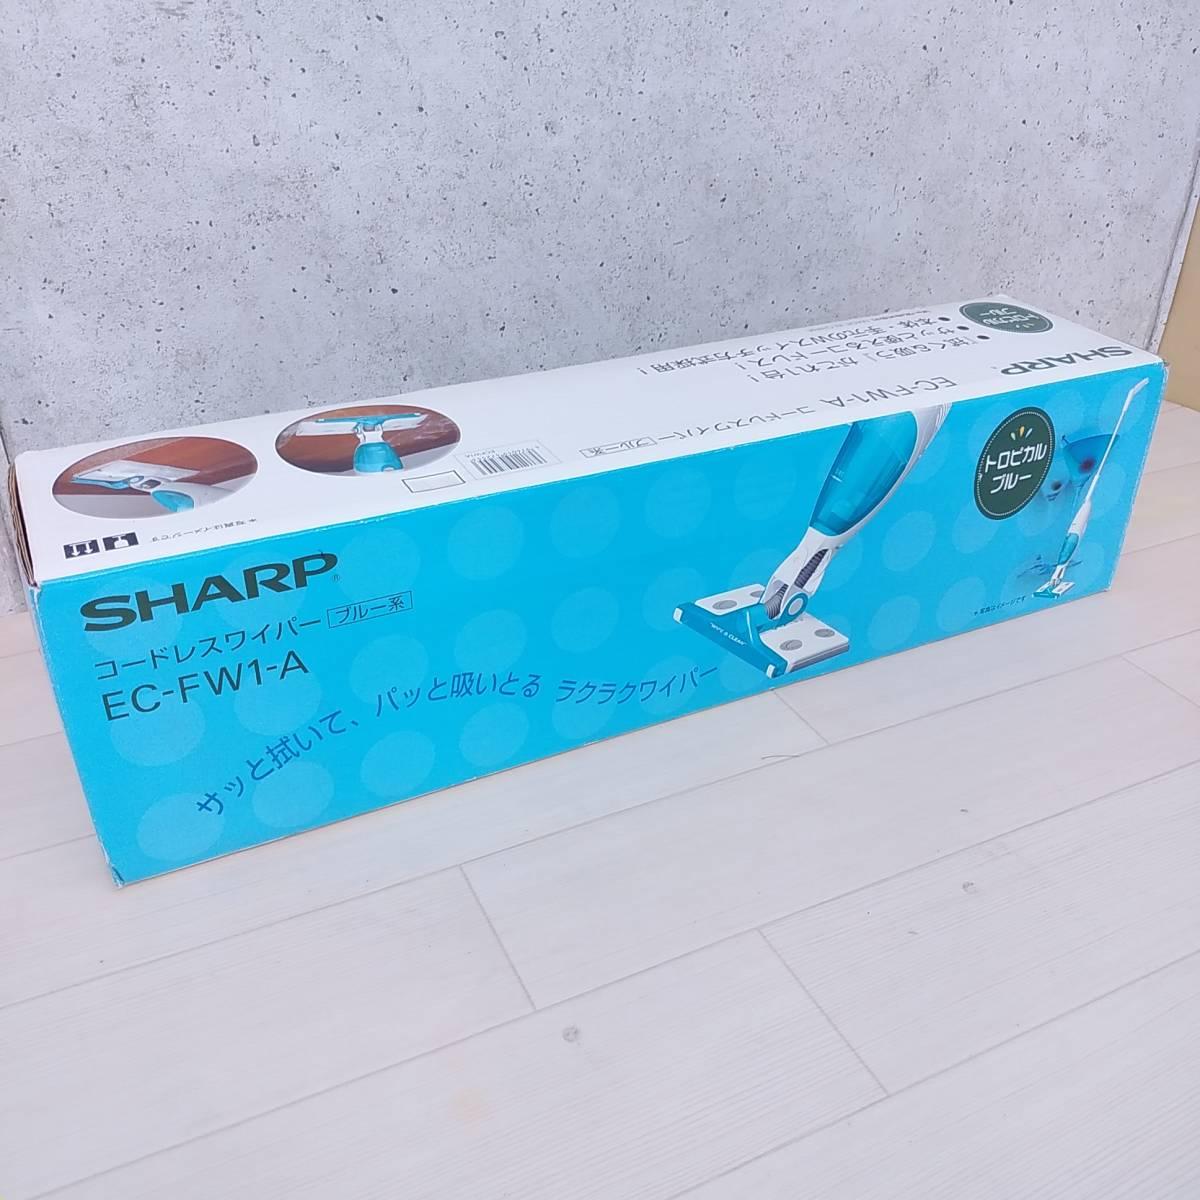 【新品】SHARP シャープ EC-FW1-A コードレスワイパー_画像2